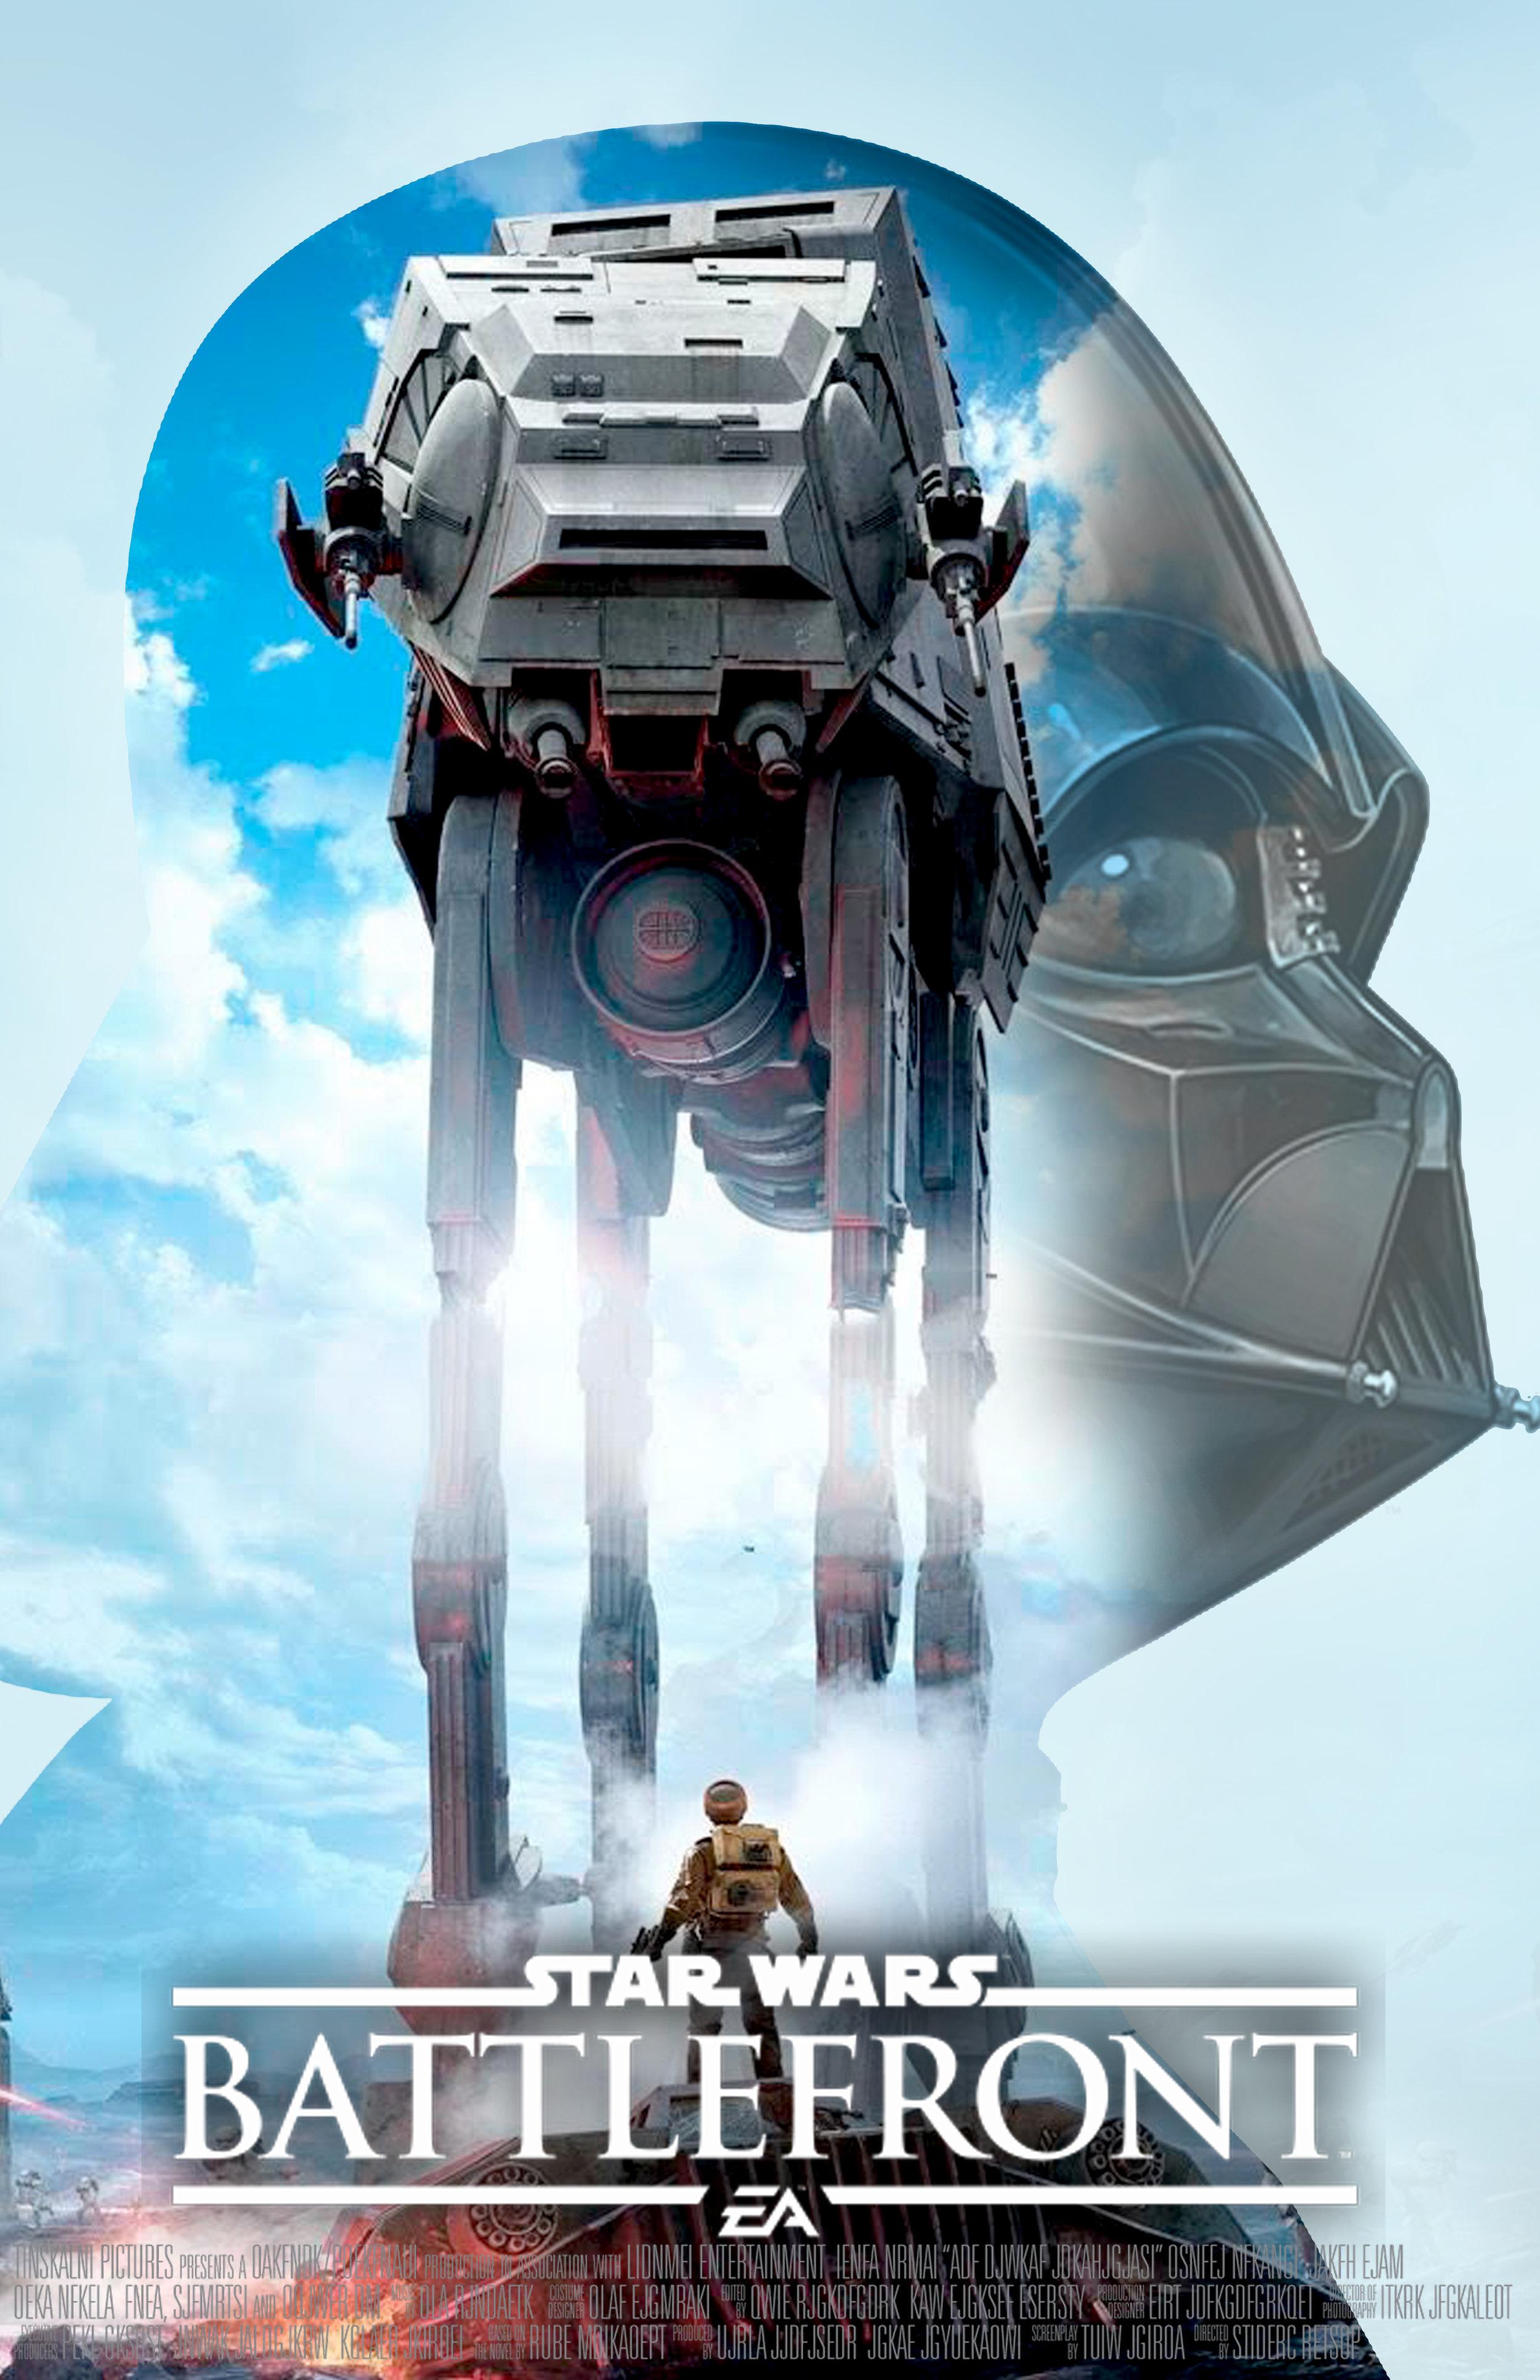 movie poster1_GonzaloCruz.jpg